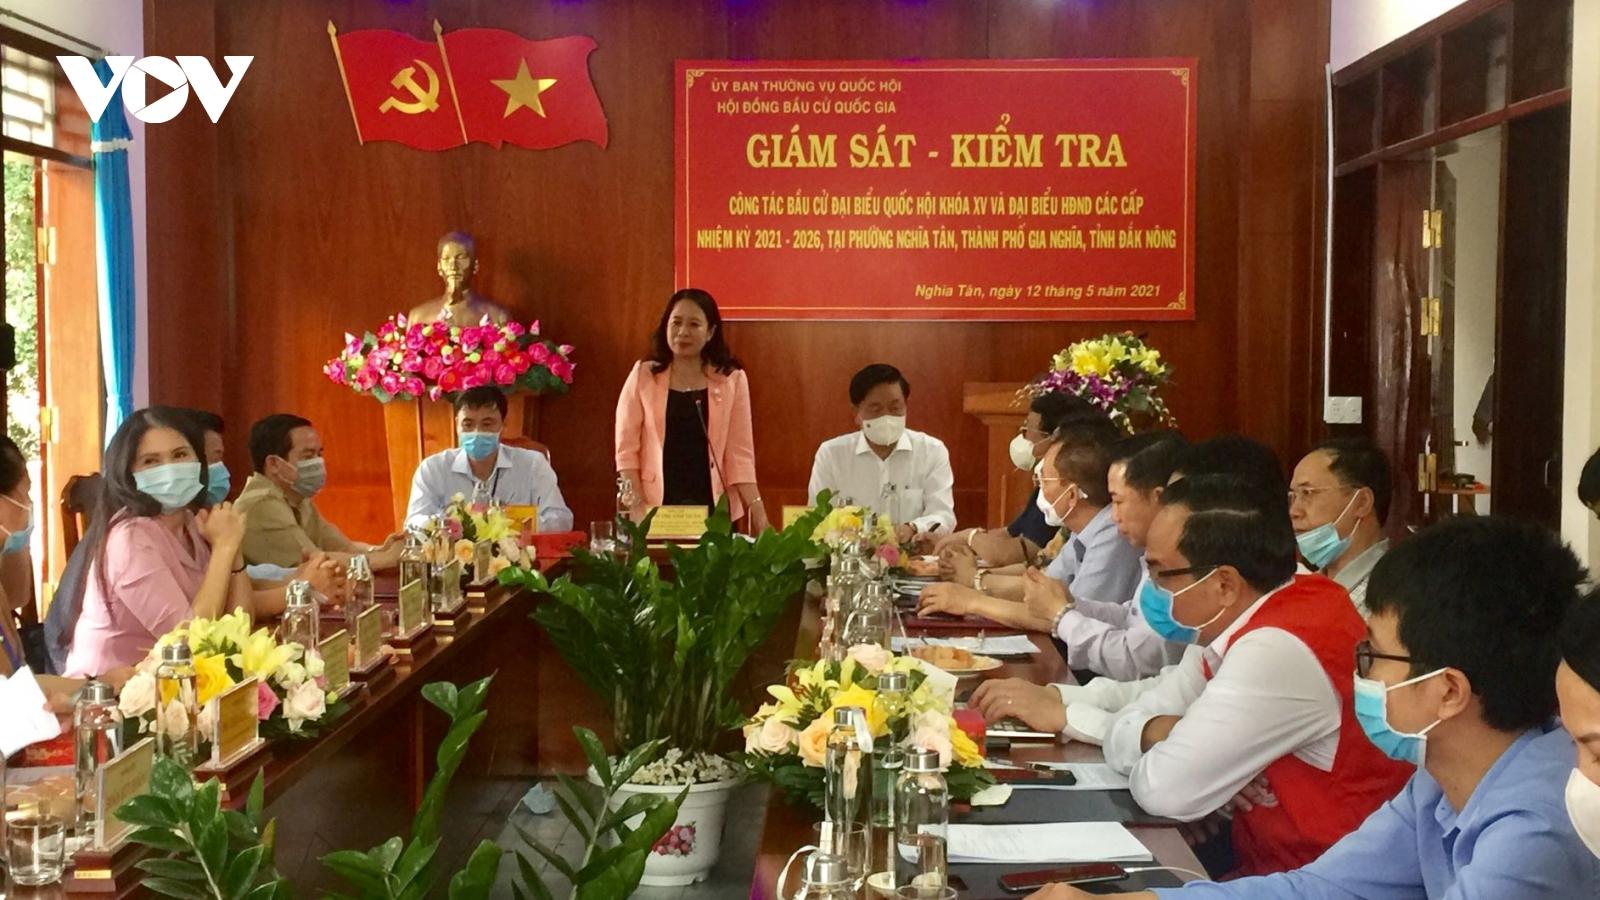 Phó Chủ tịch nước giám sát, kiểm tra công tác bầu cử tại Đắk Nông